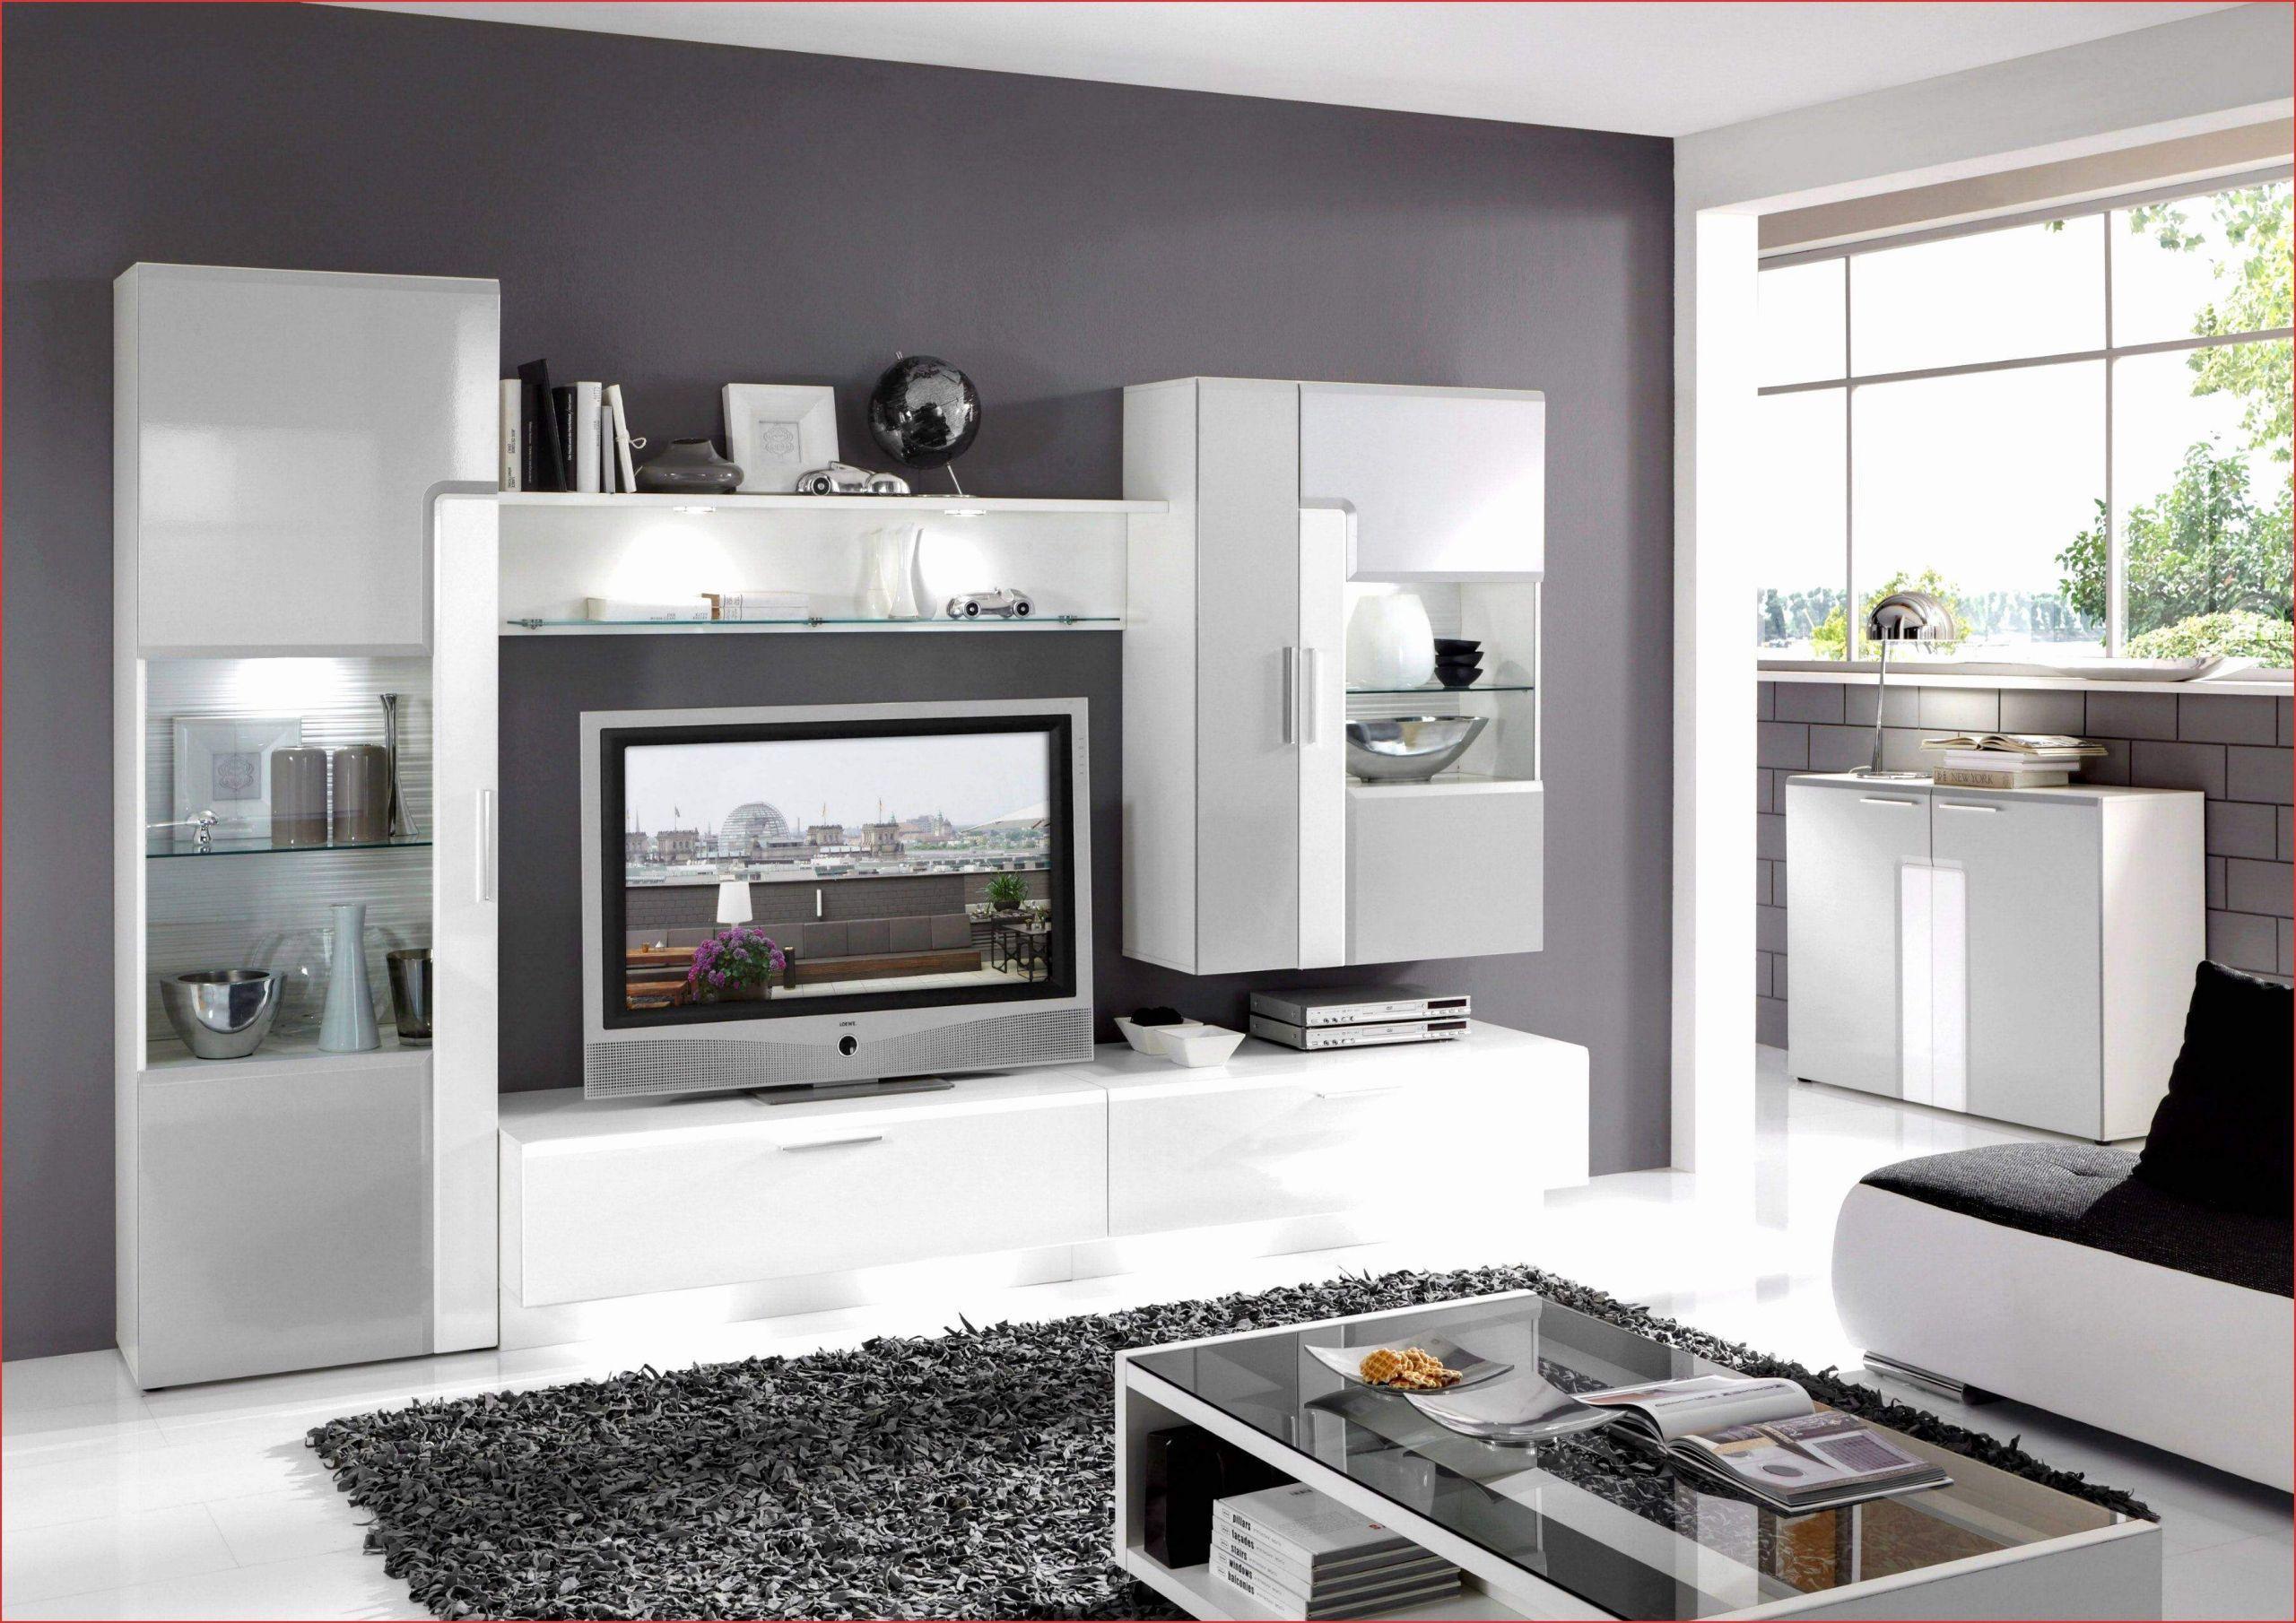 Wohnzimmer Regal Ideen